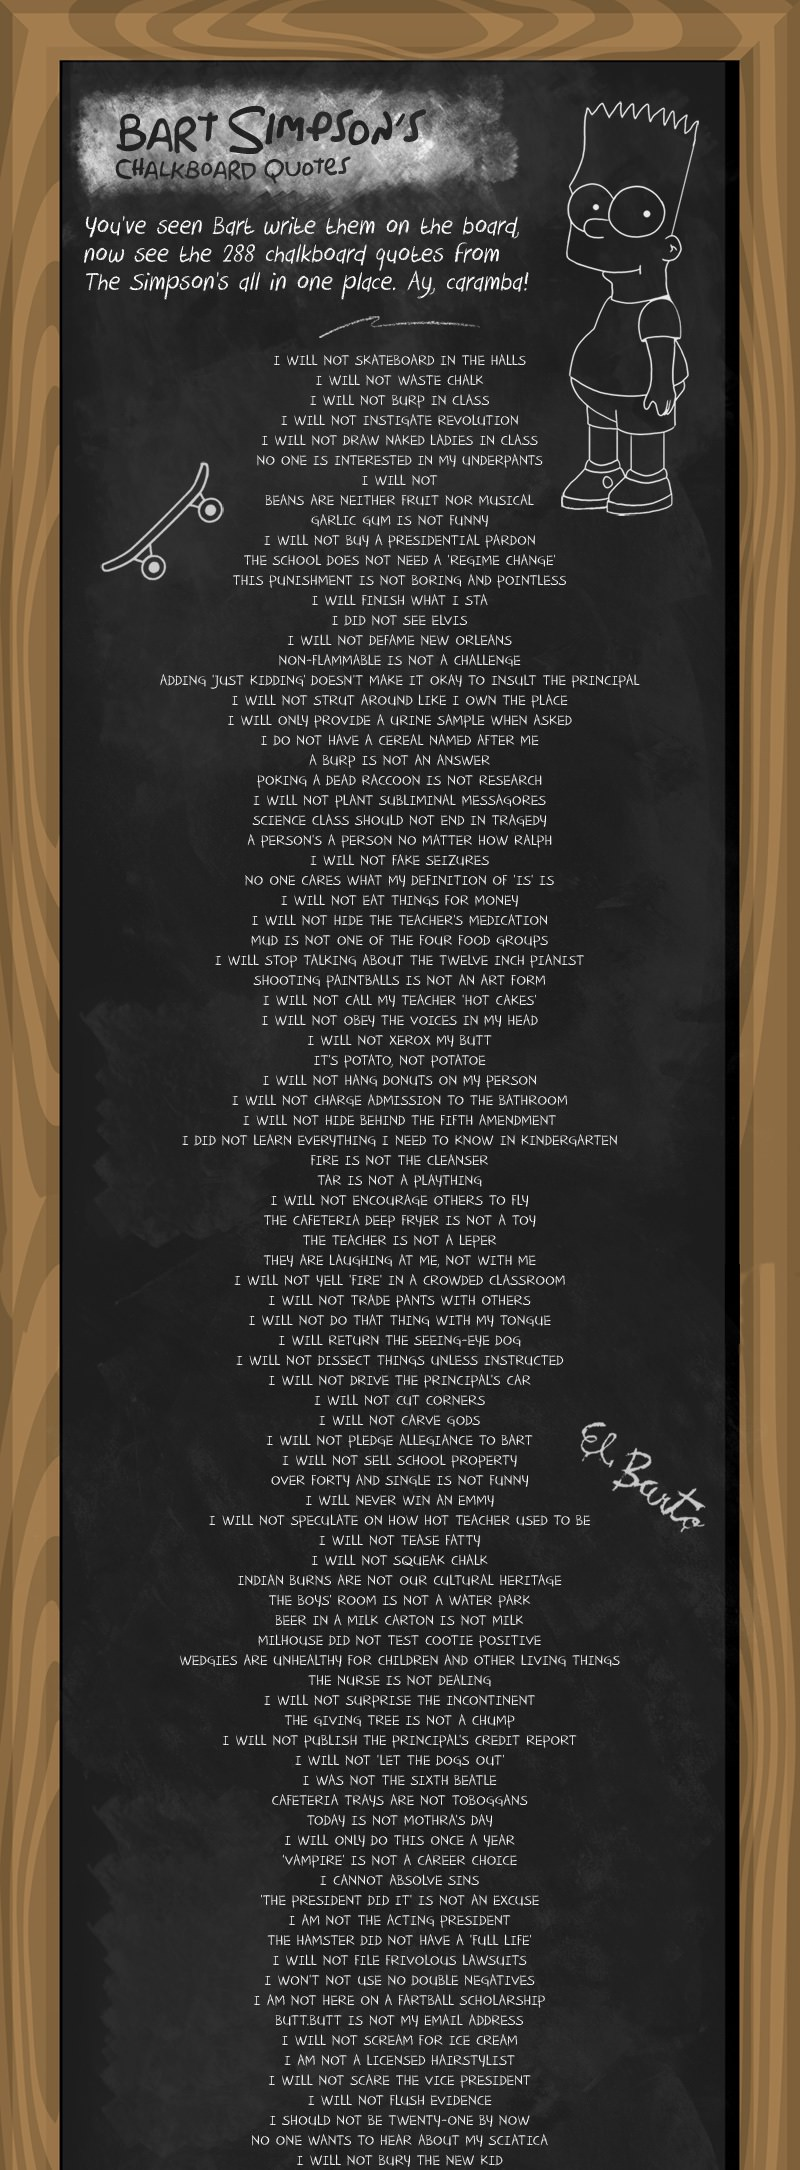 Todas-as-frases-que-o-Bart-escreveu-na-lousa-na-abertura-dos-Simpsons_01